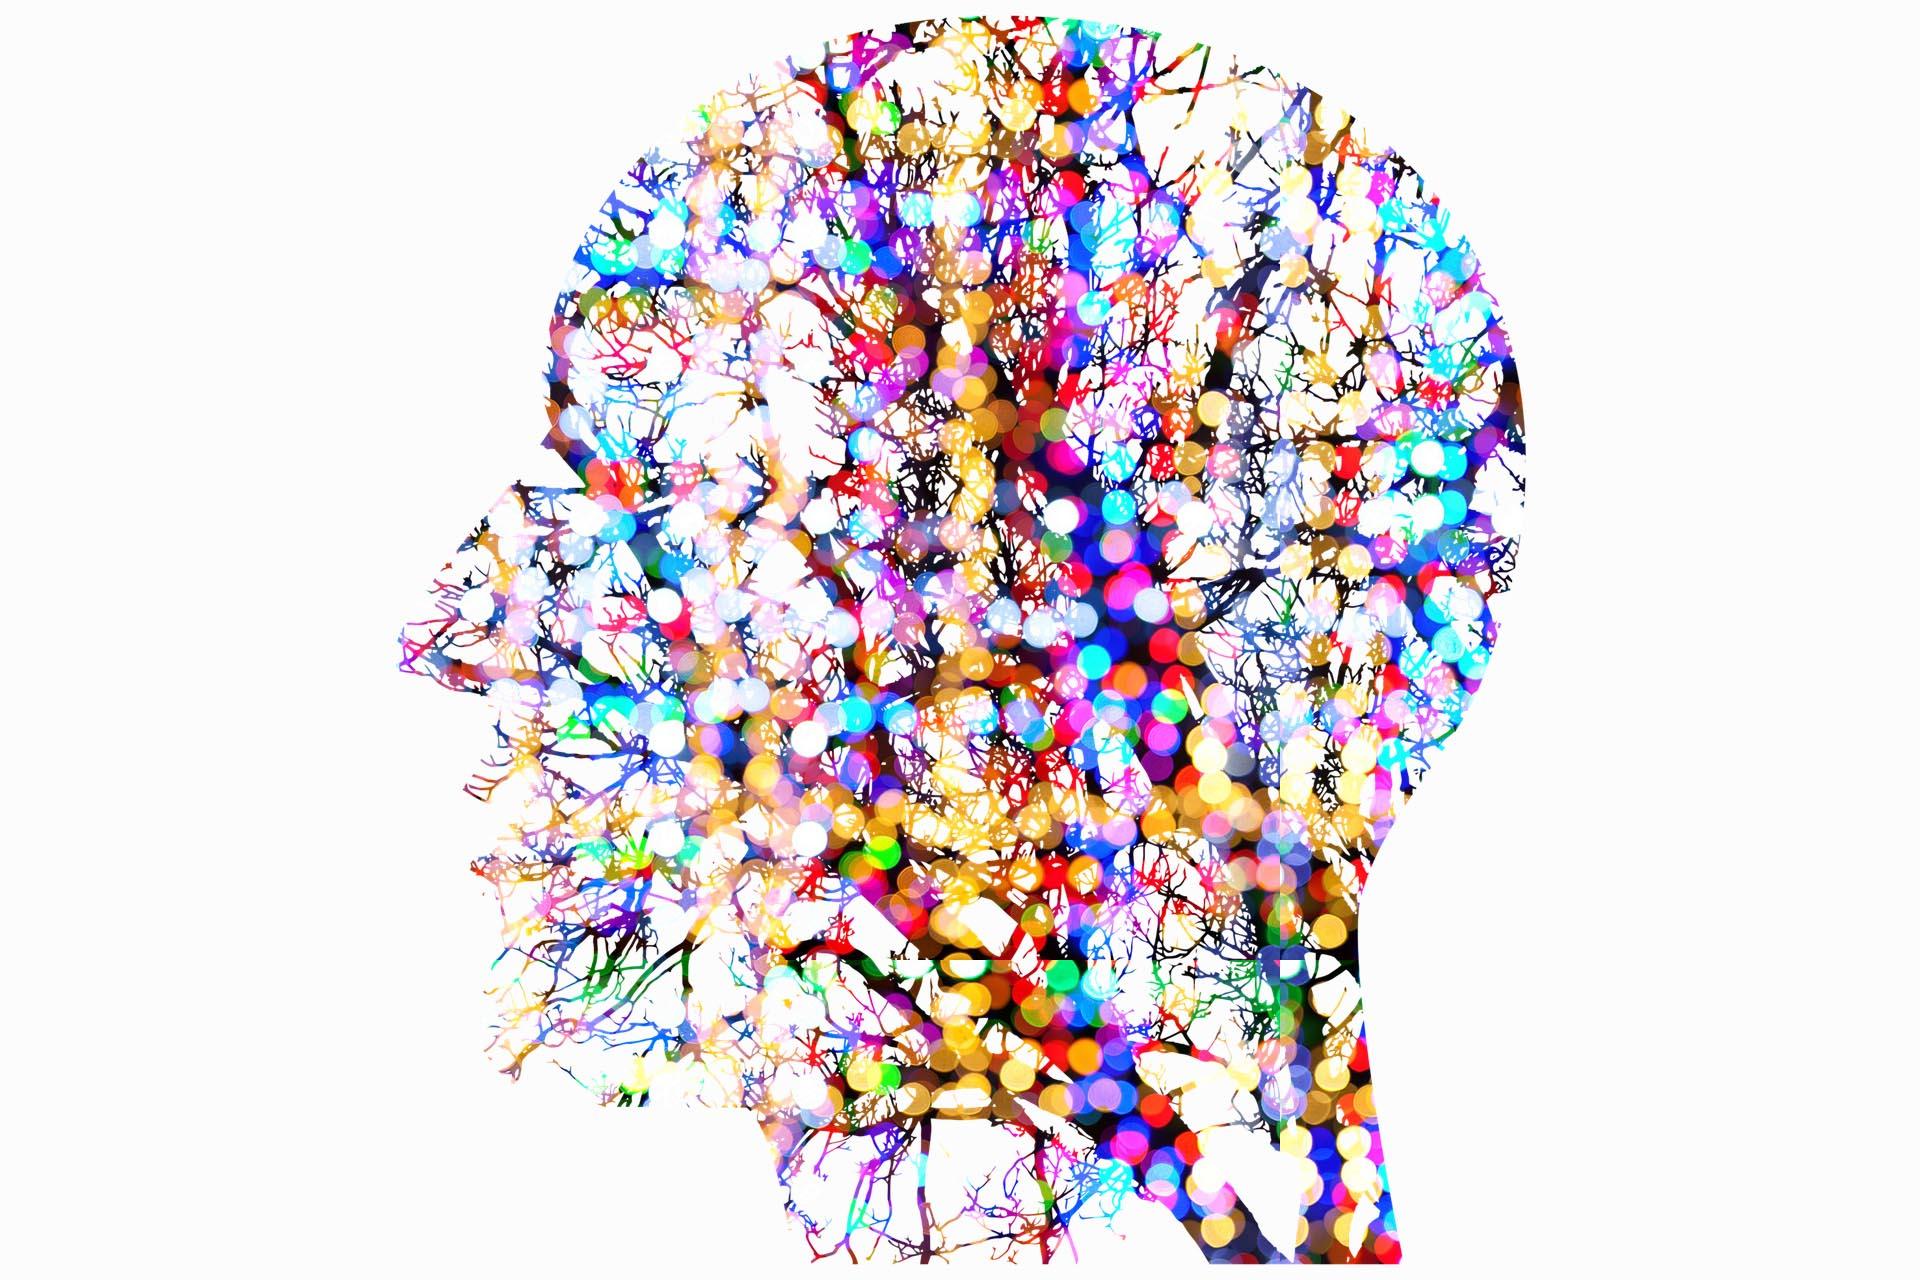 Αγχος-Νο3-copy-1